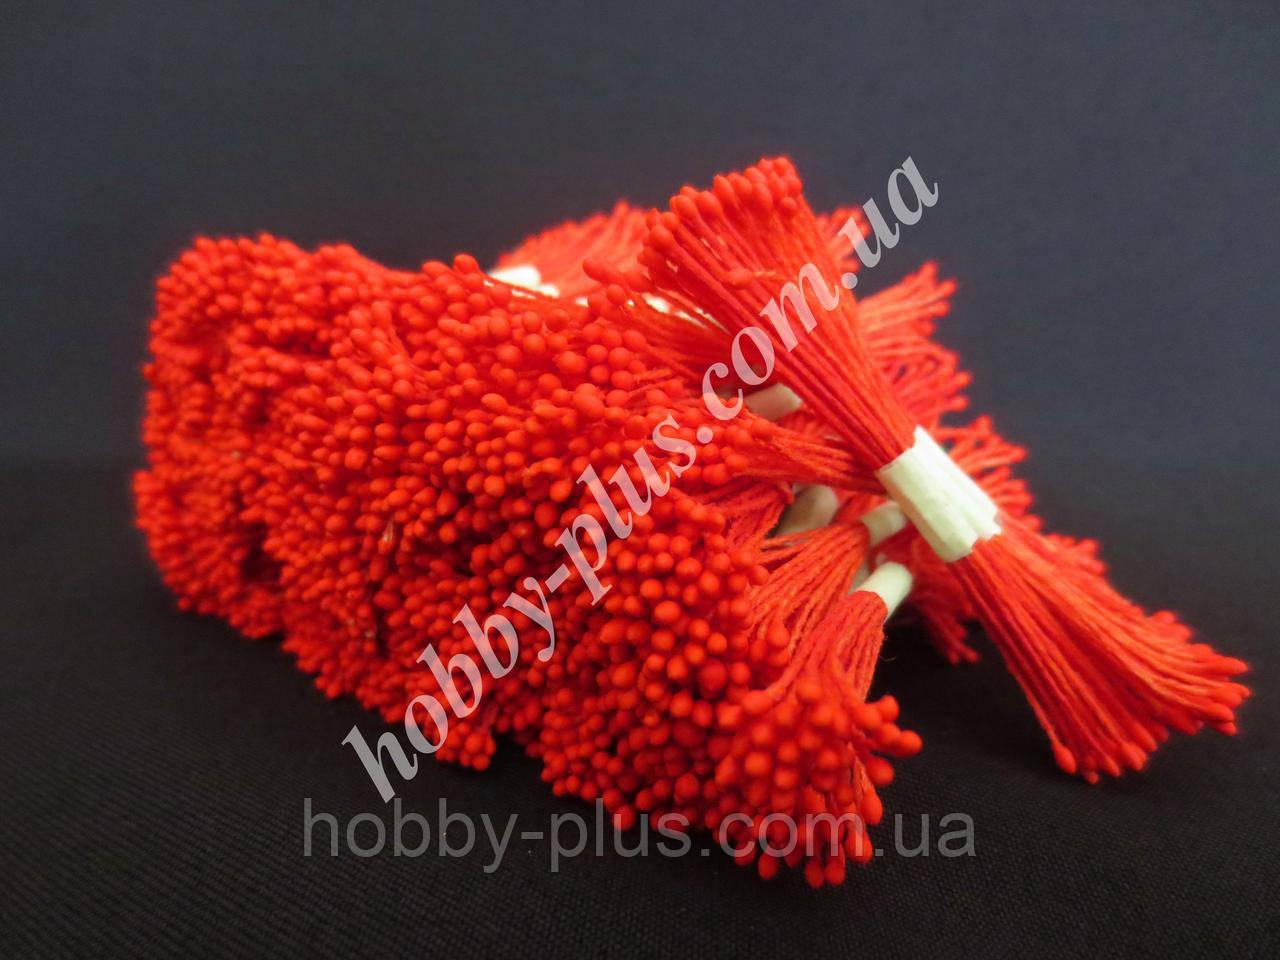 Тайские тычинки, КРАСНЫЕ, мелкие на красной нити, 23-25 нитей, 50 головок